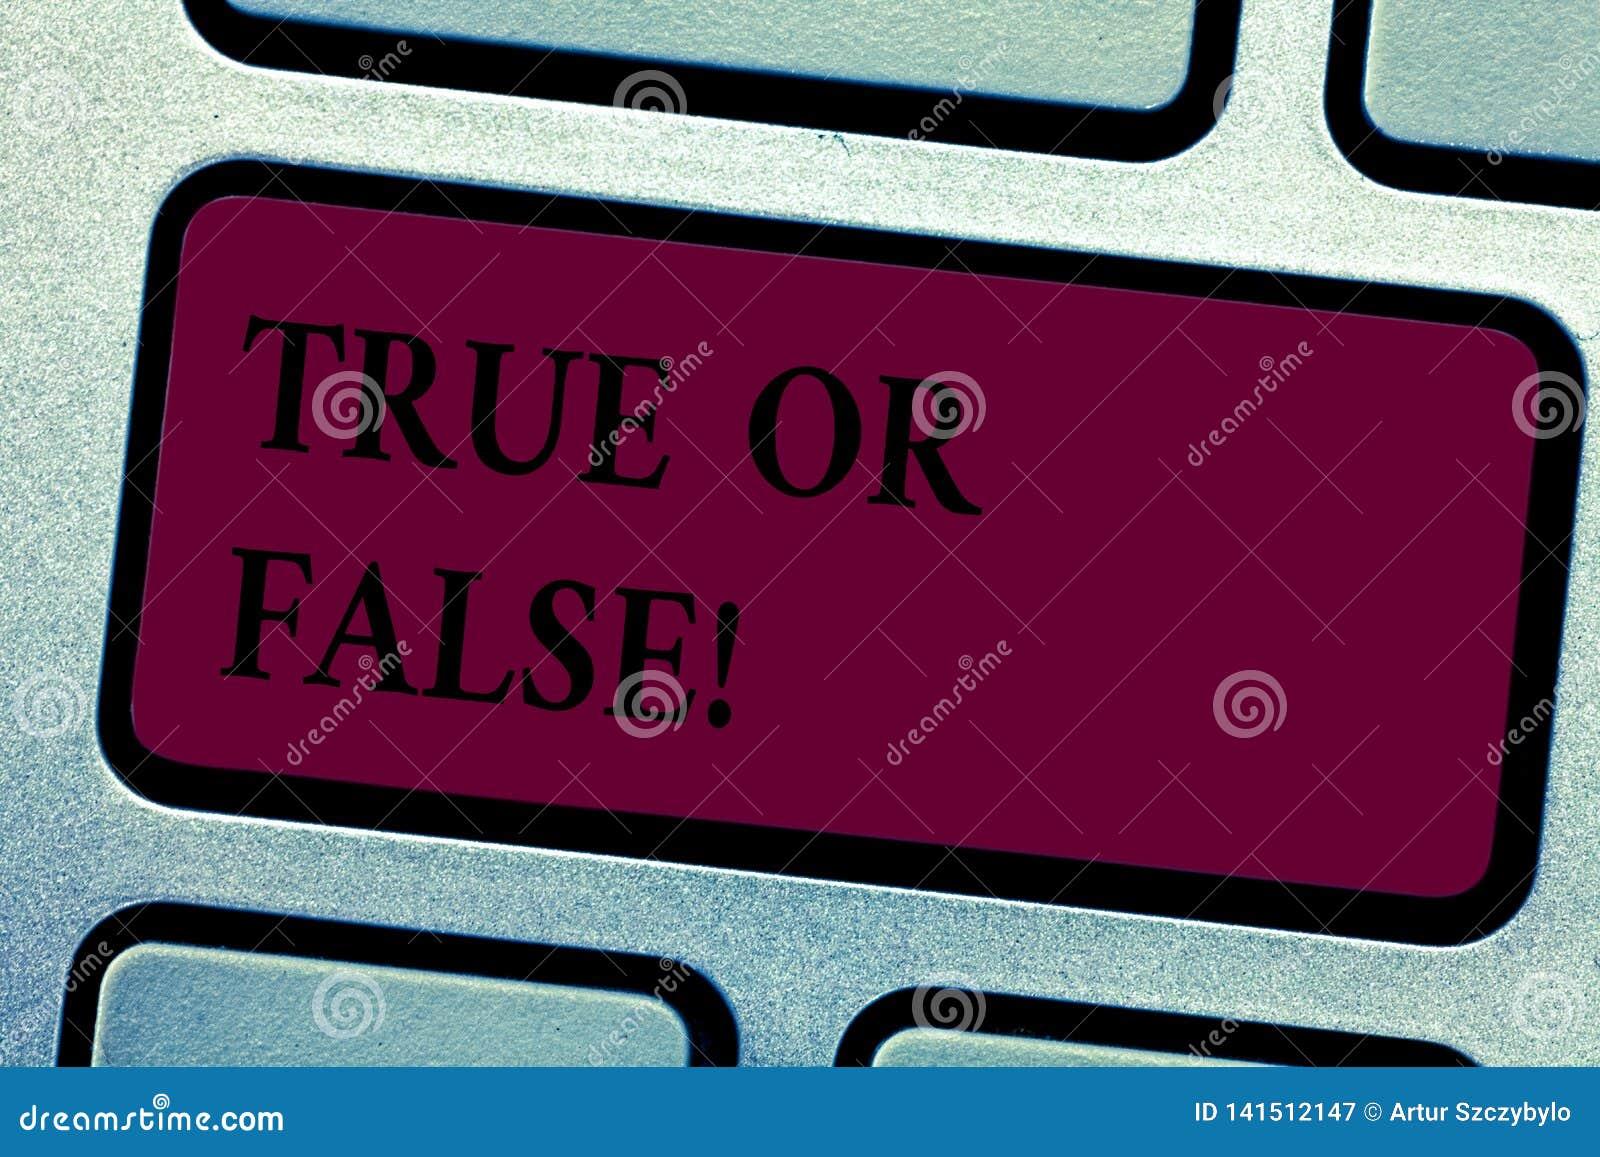 Scrittura dello showingTrue della nota o falso Montrare della foto di affari decide fra un fatto o dire una confusione di dubbio